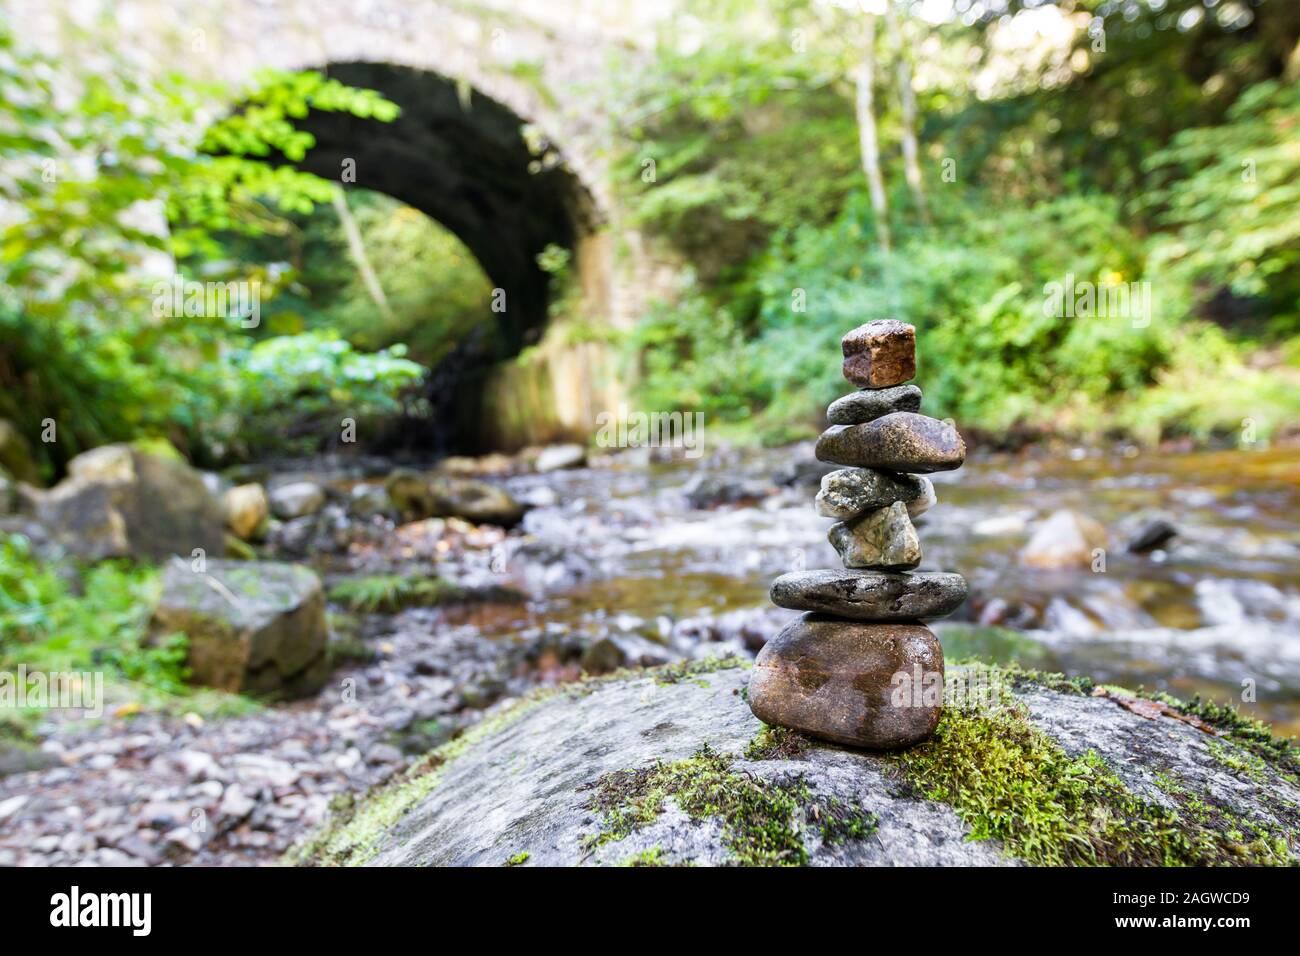 Rocas apiladas en la quemadura Banvie cerca de Pitlochry, en las Tierras Altas de Escocia como el agua dulce agua corre abajo sobre las rocas cubiertas de musgo Foto de stock